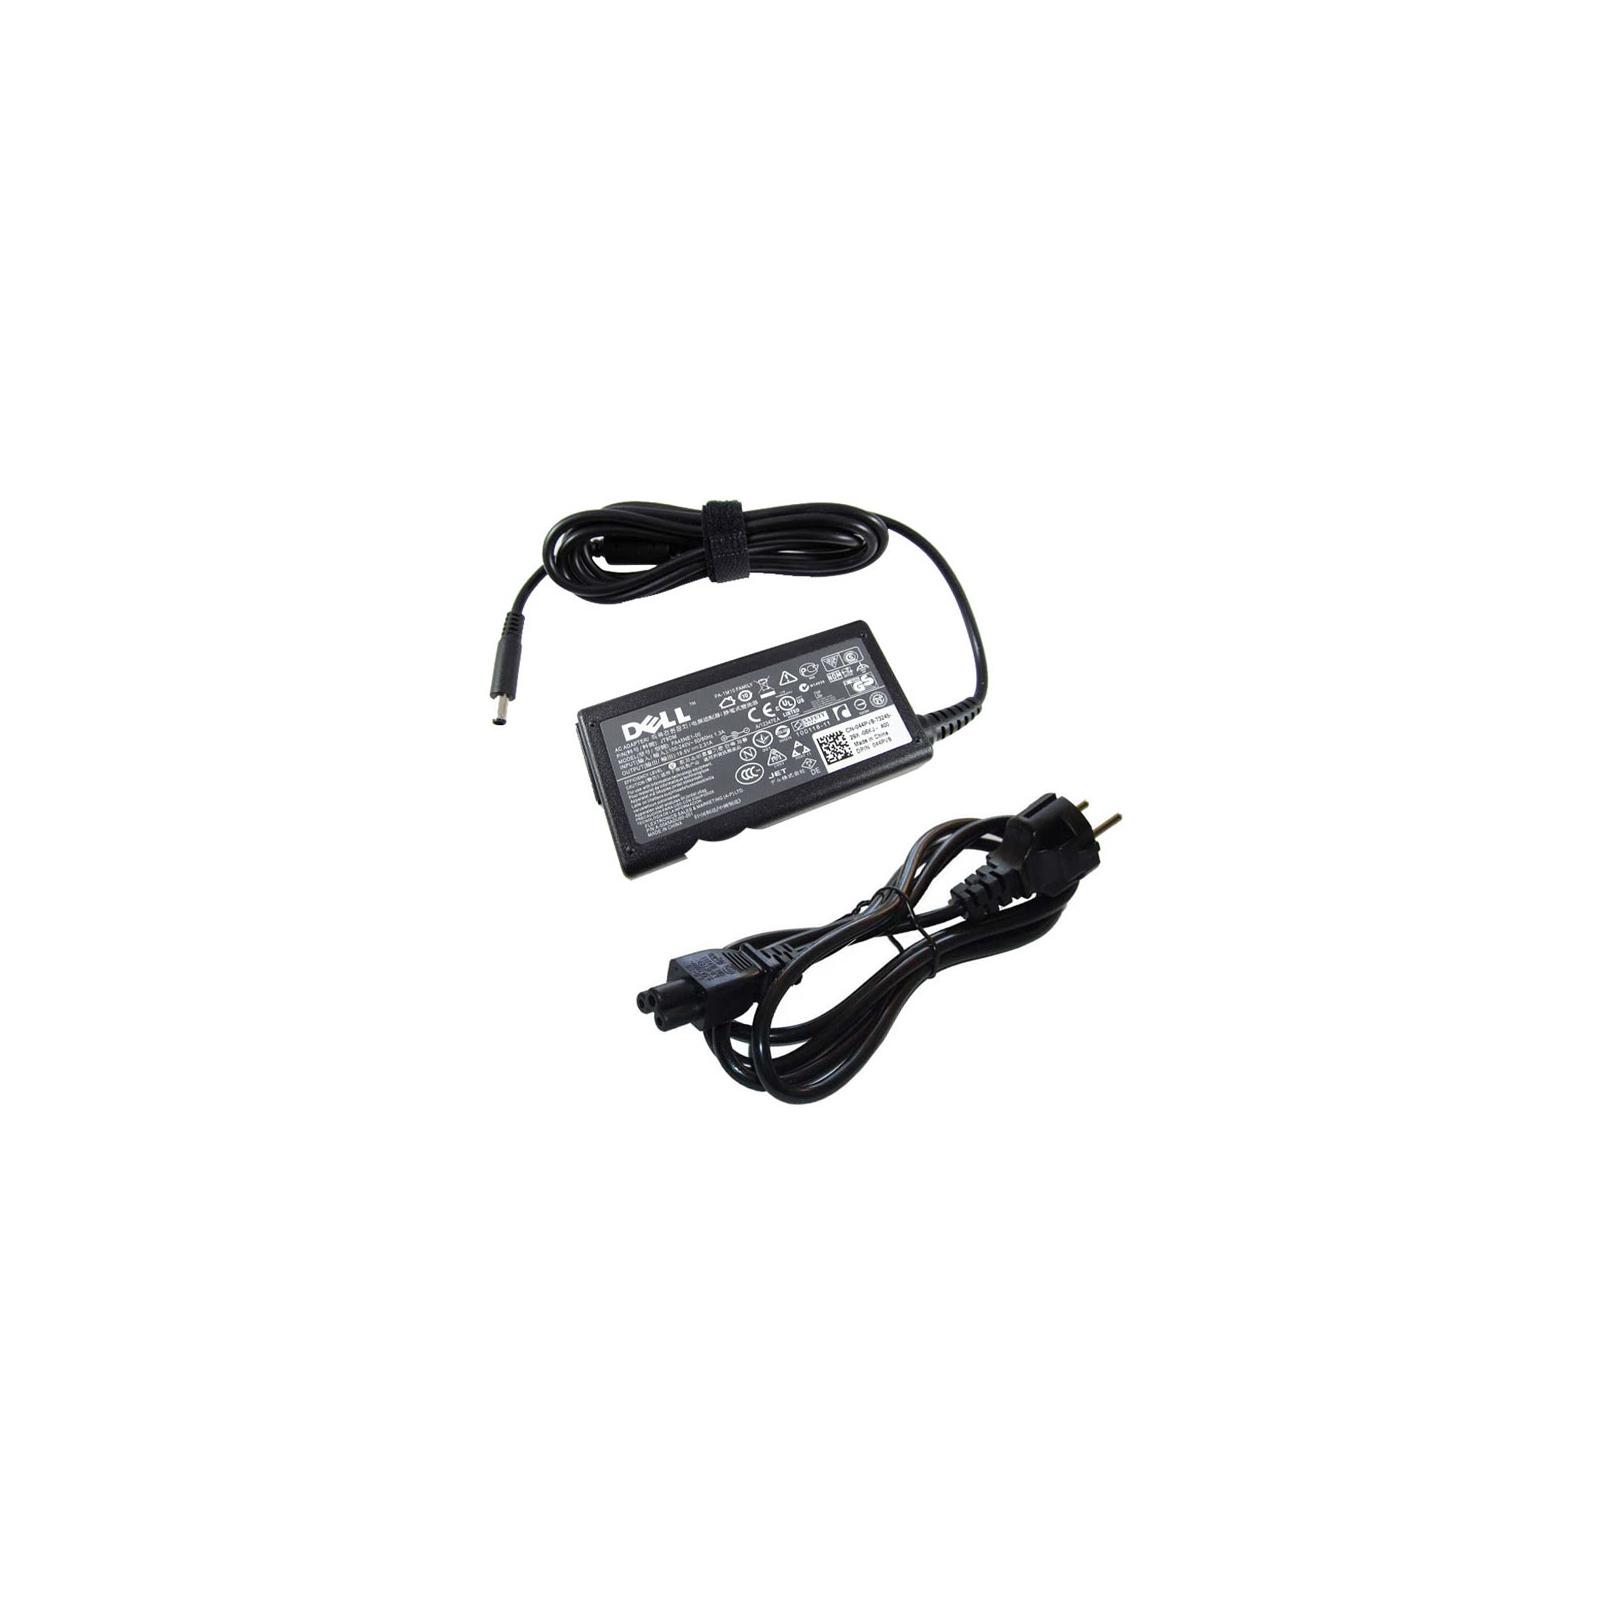 Блок питания к ноутбуку Dell 45W 19.5V 2.31A разъем 4.5/3.0(pin inside) (PA-1M10)